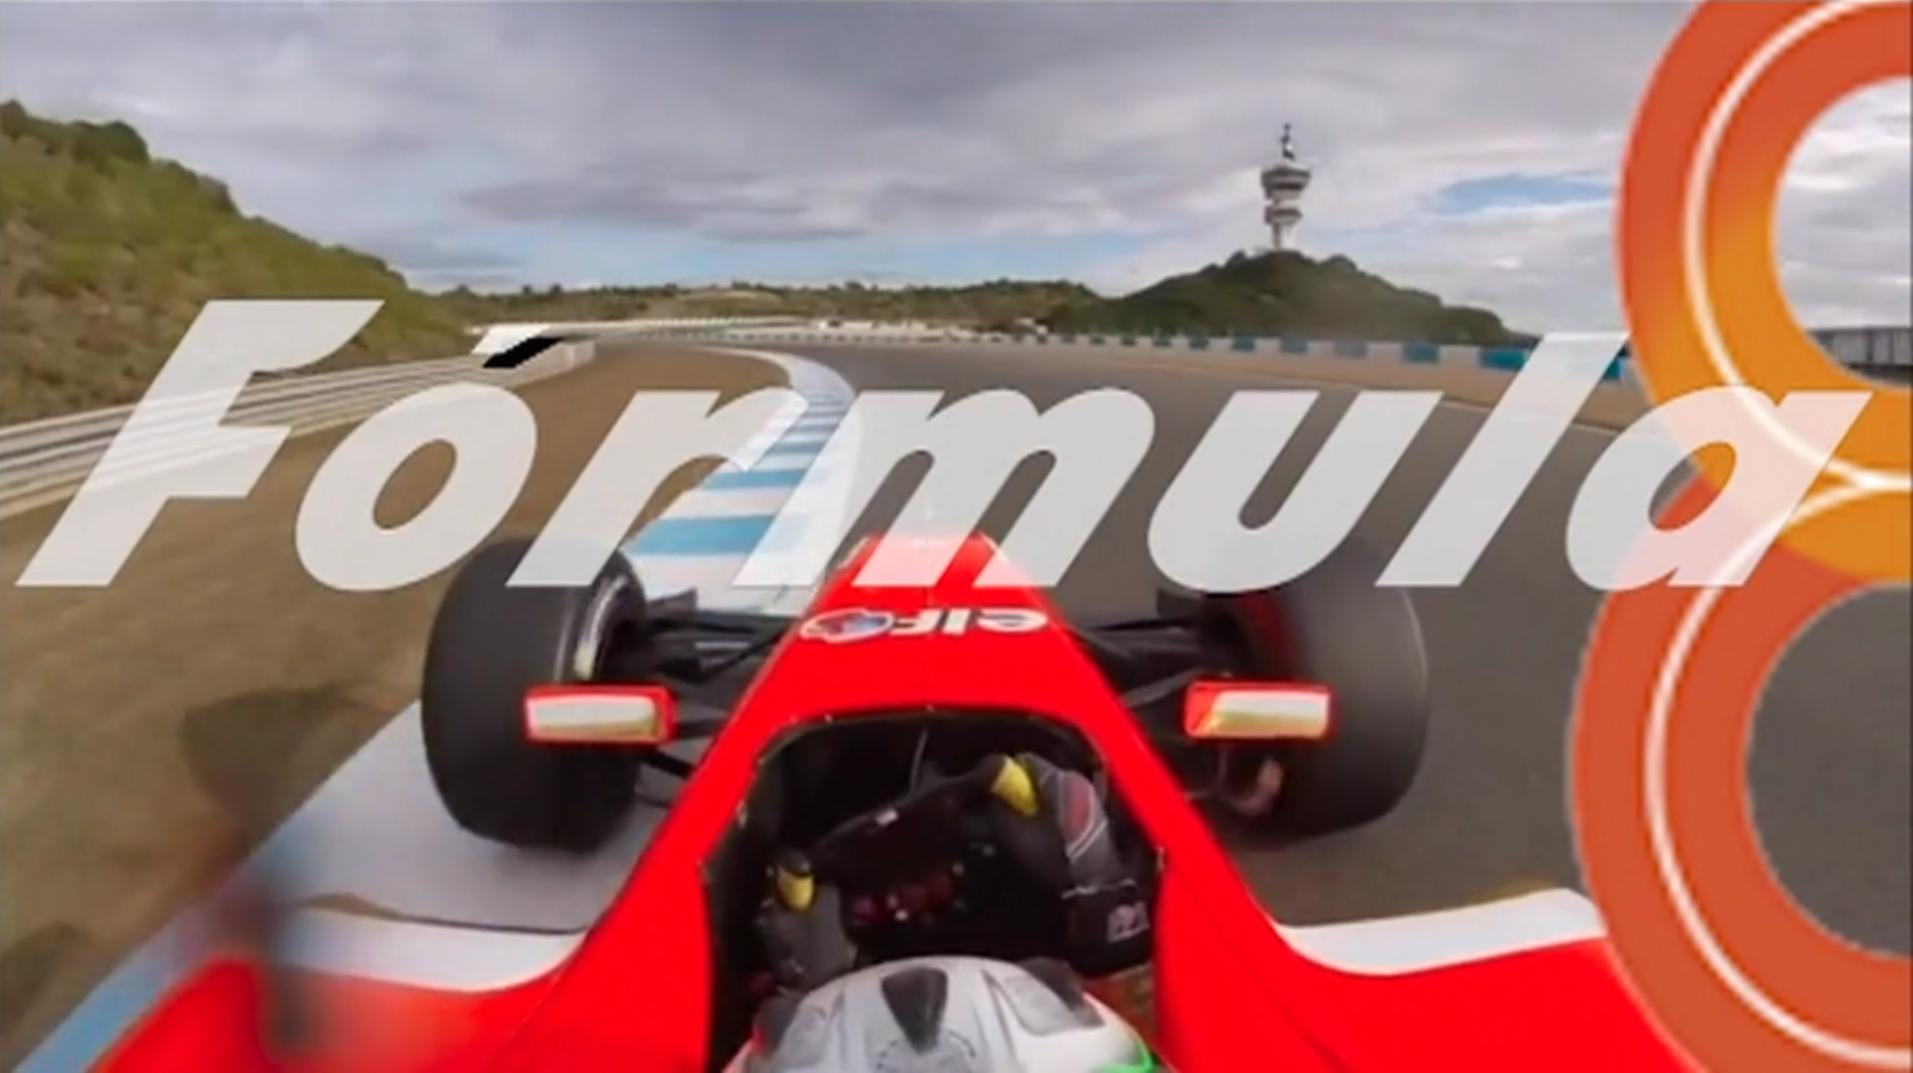 Fórmula 8 Jueves 5 Marzo 2020 (segunda parte)